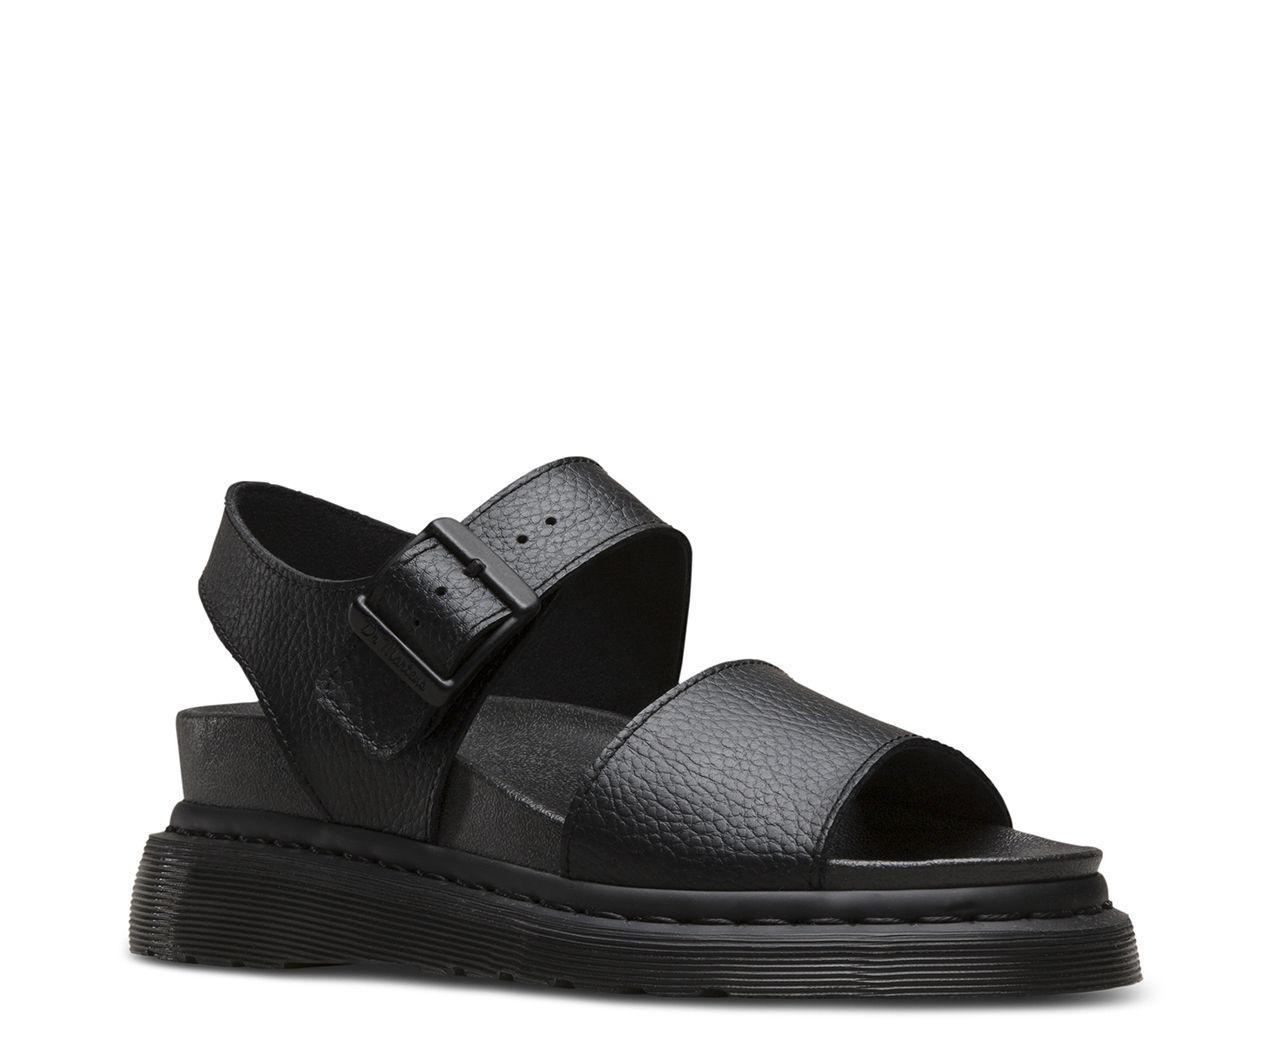 Black sandals with straps - Dr Martens Romi Black Platform Sandalsblack